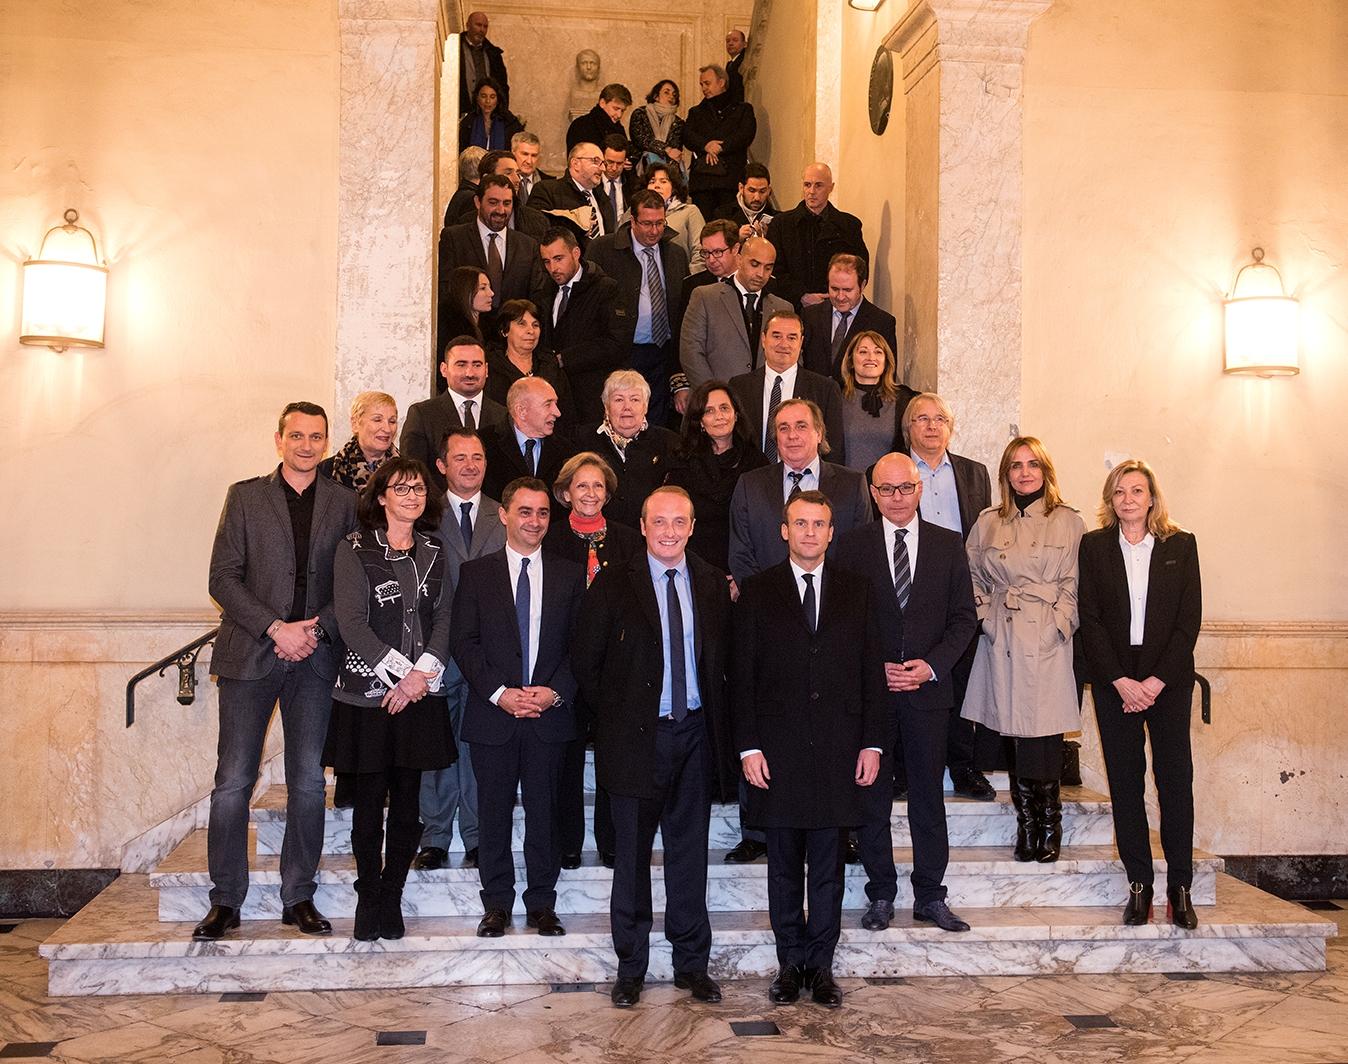 Retour en images, accueil du Président Macron à Ajaccio